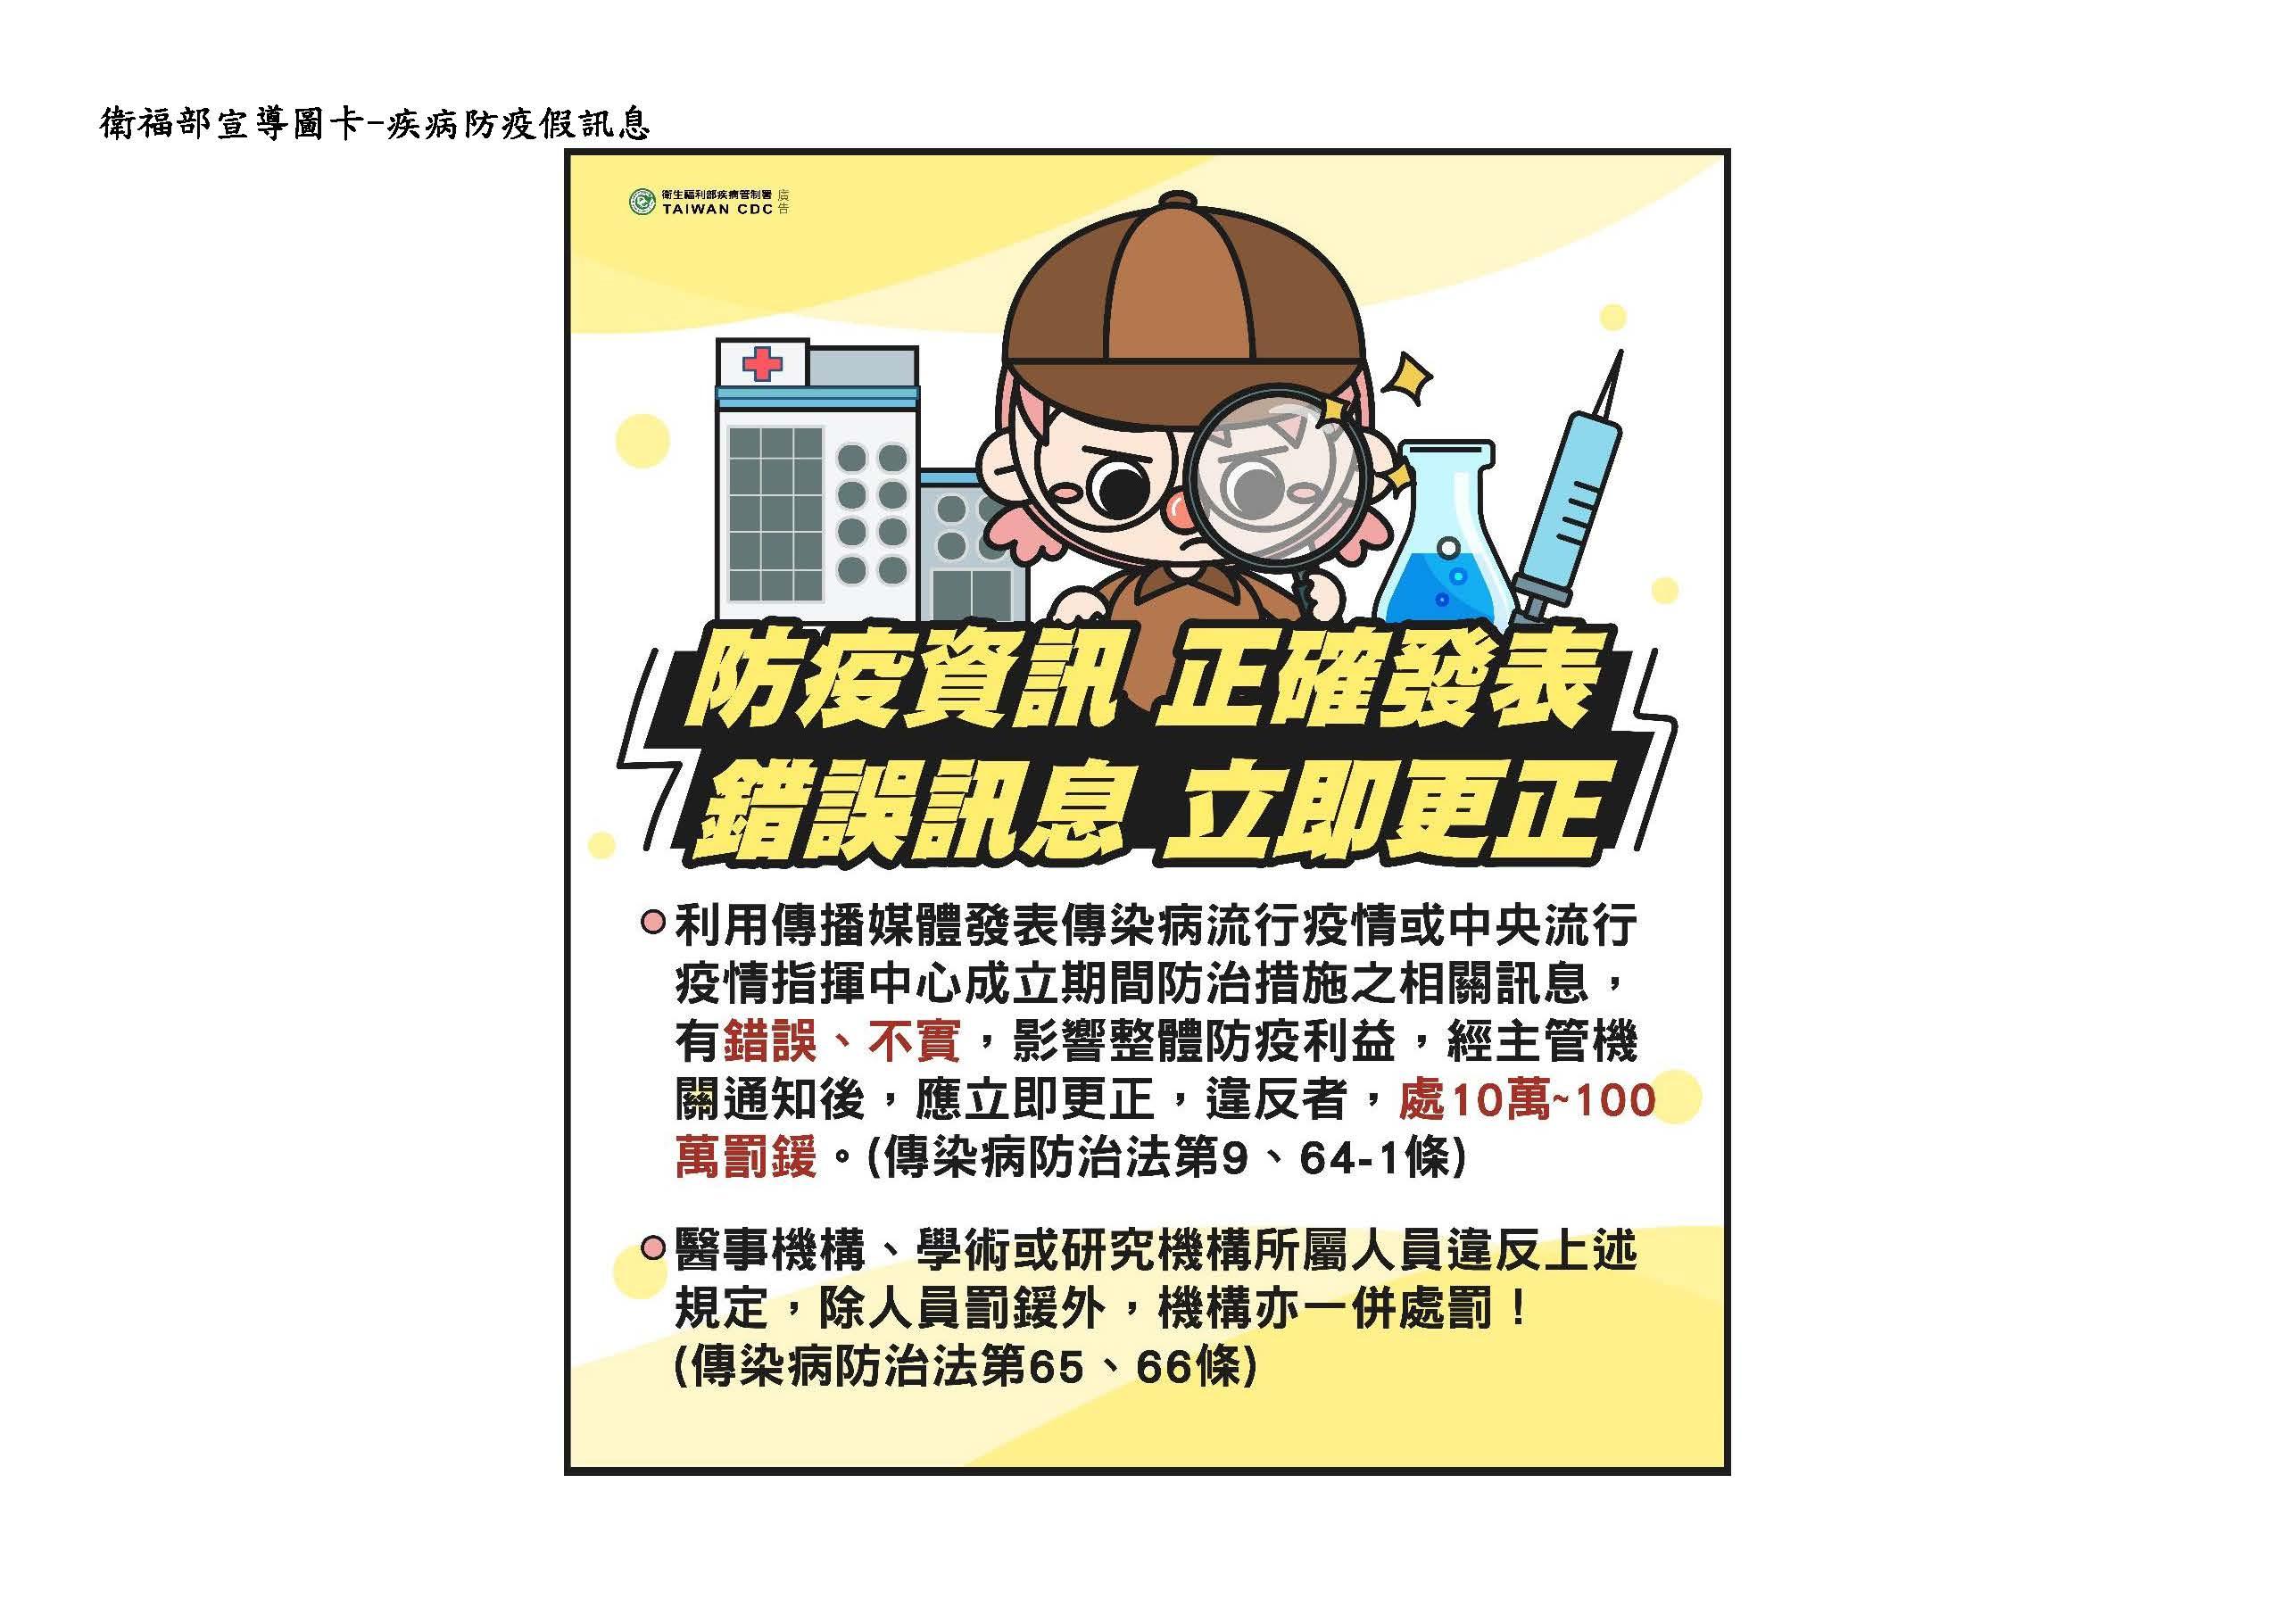 衛福部 宣導圖卡 -疾病防制假訊息 疾病防制假訊息2.jpg